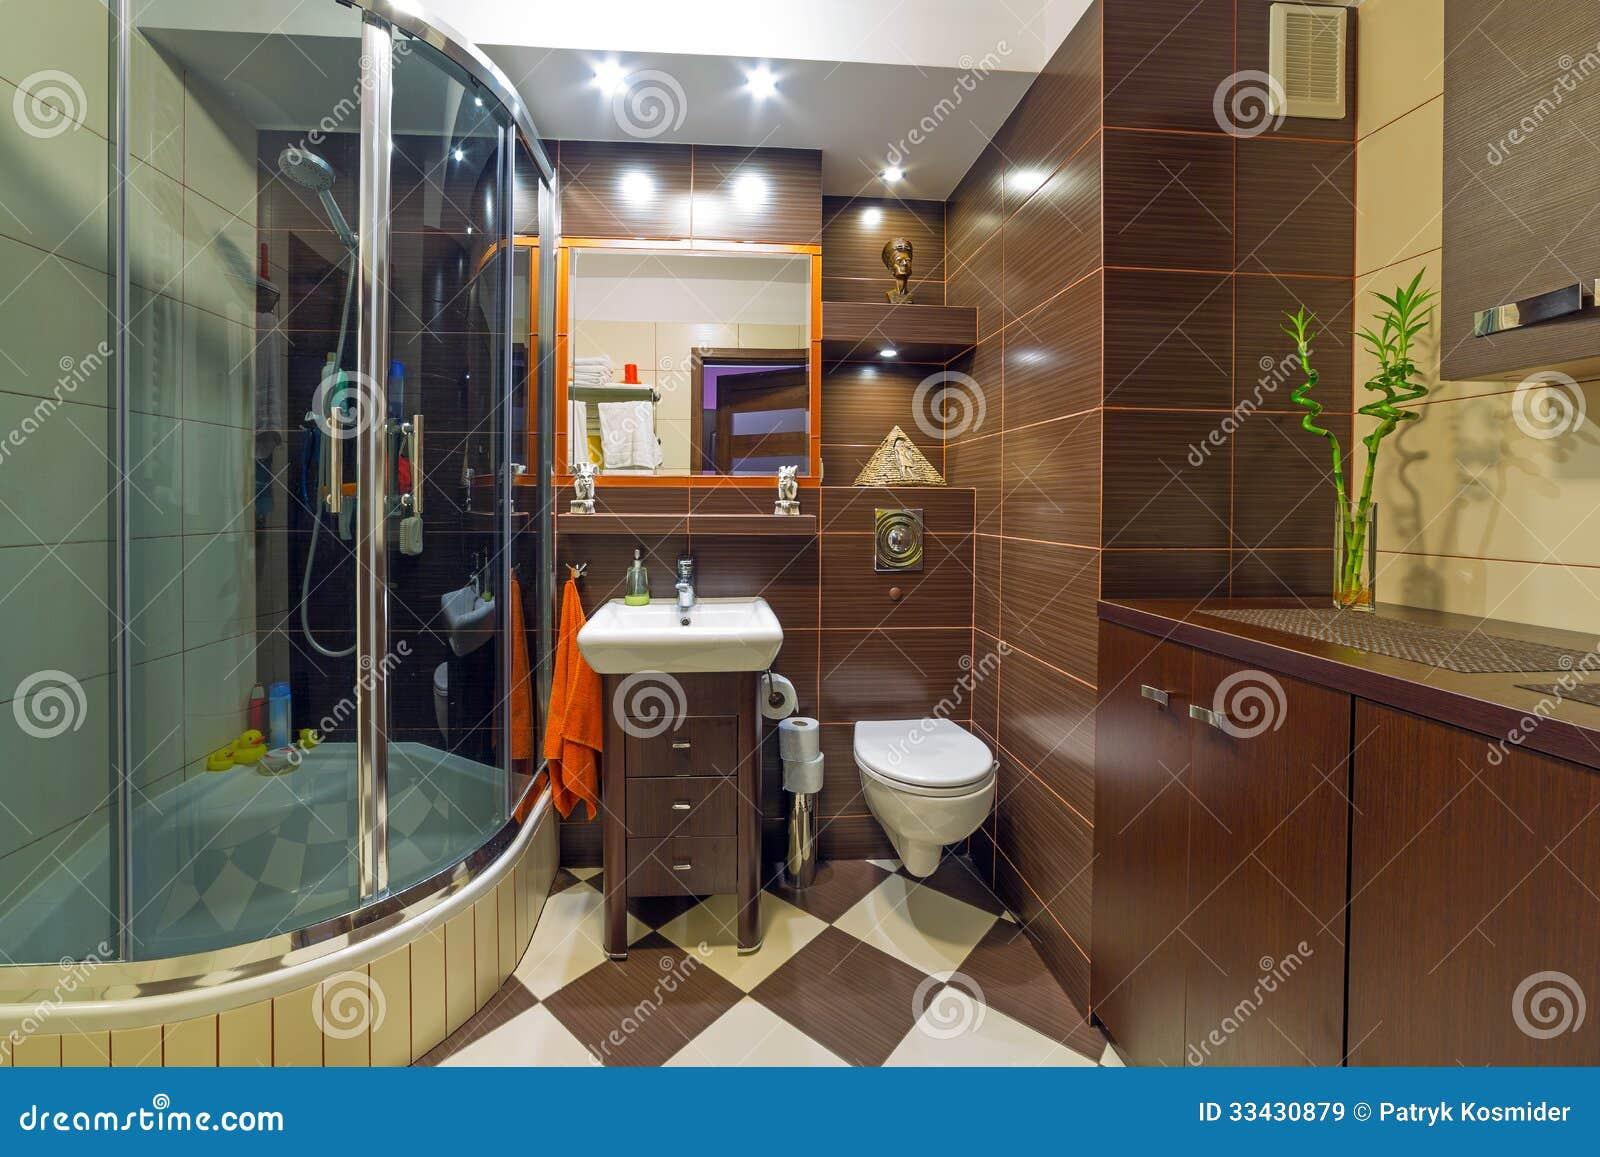 Banheiro Marrom E Bege Moderno Imagens de Stock Royalty Free Imagem  #AD611E 1300x957 Banheiro Bege Com Marrom